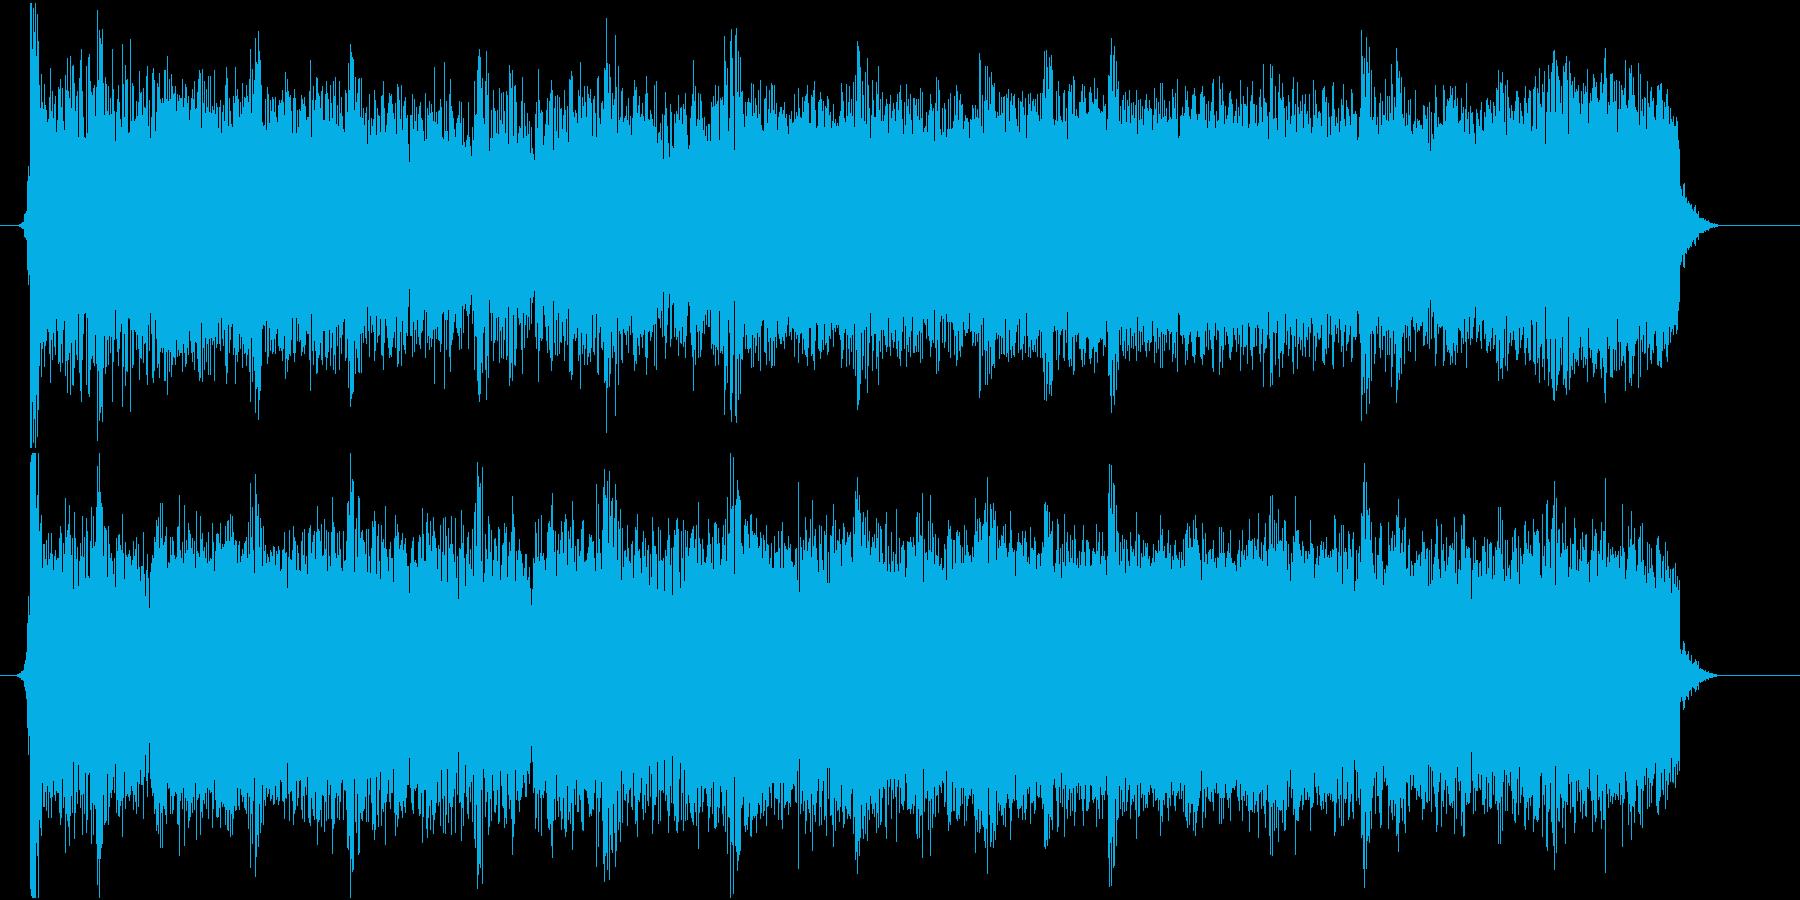 ジングル ロックギターの再生済みの波形